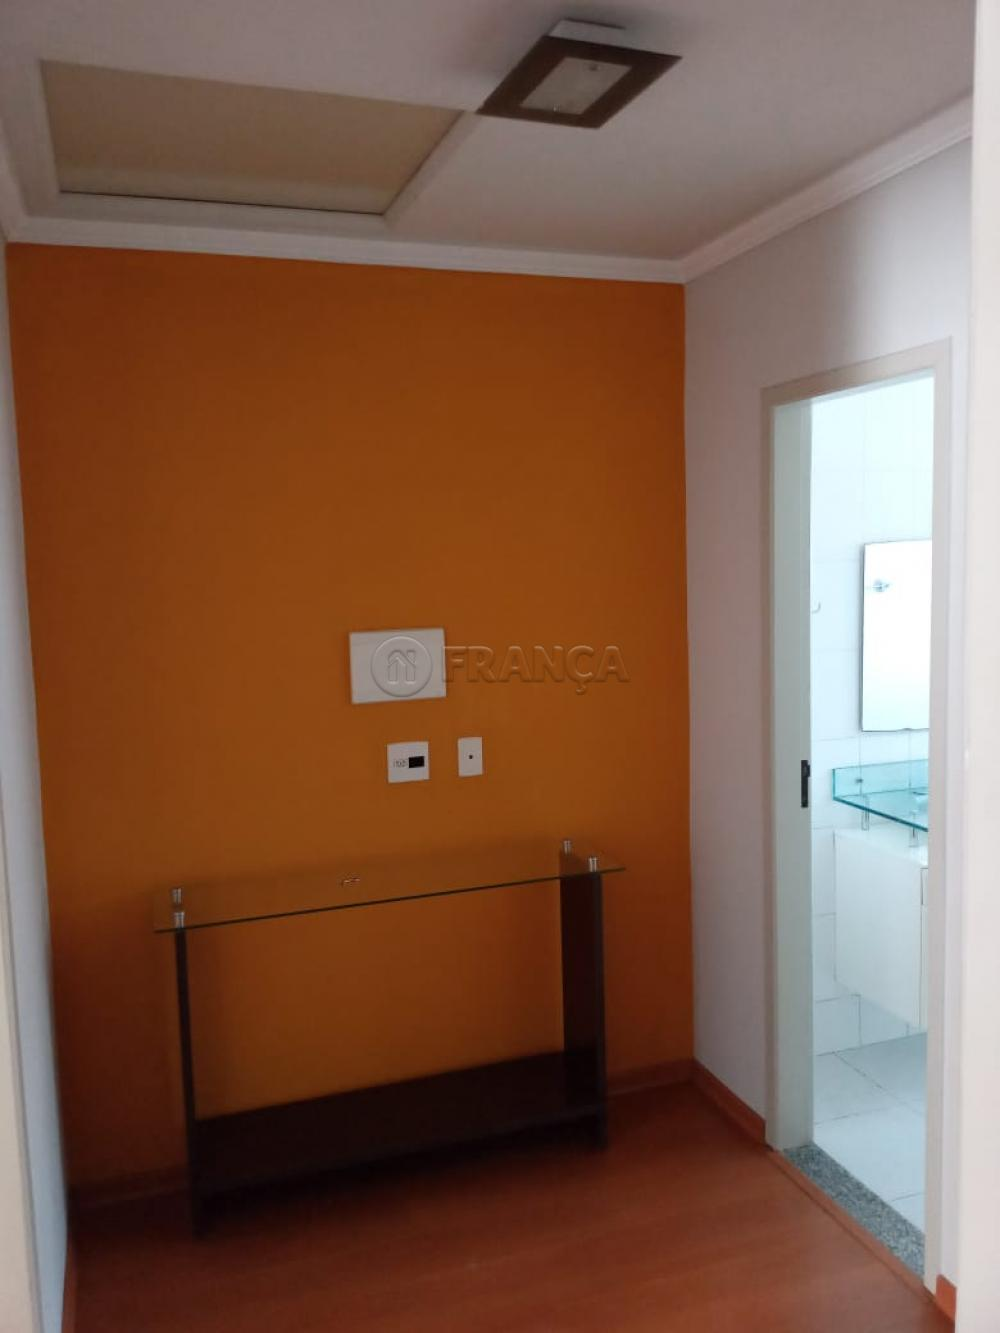 Alugar Casa / Condomínio em São José dos Campos apenas R$ 1.300,00 - Foto 10